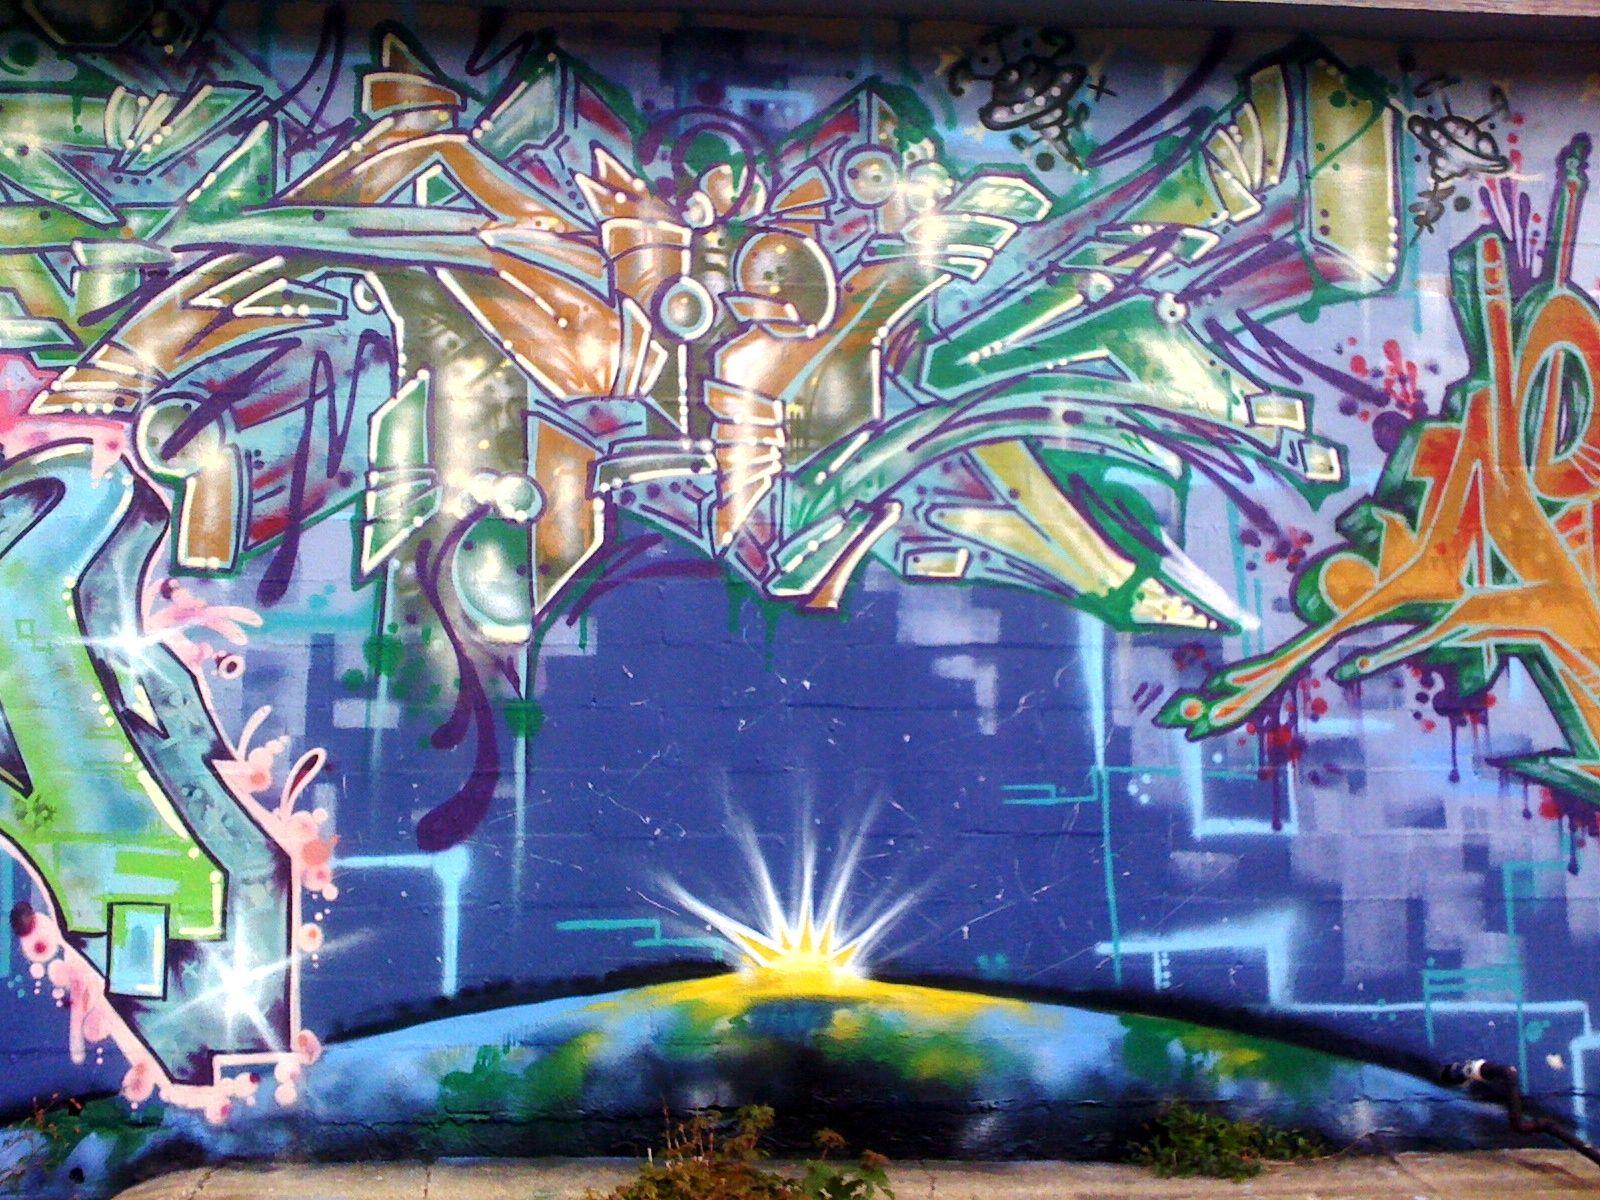 Graffiti Art In Lexington Kentucky Graffiti Murals Graffiti Mural